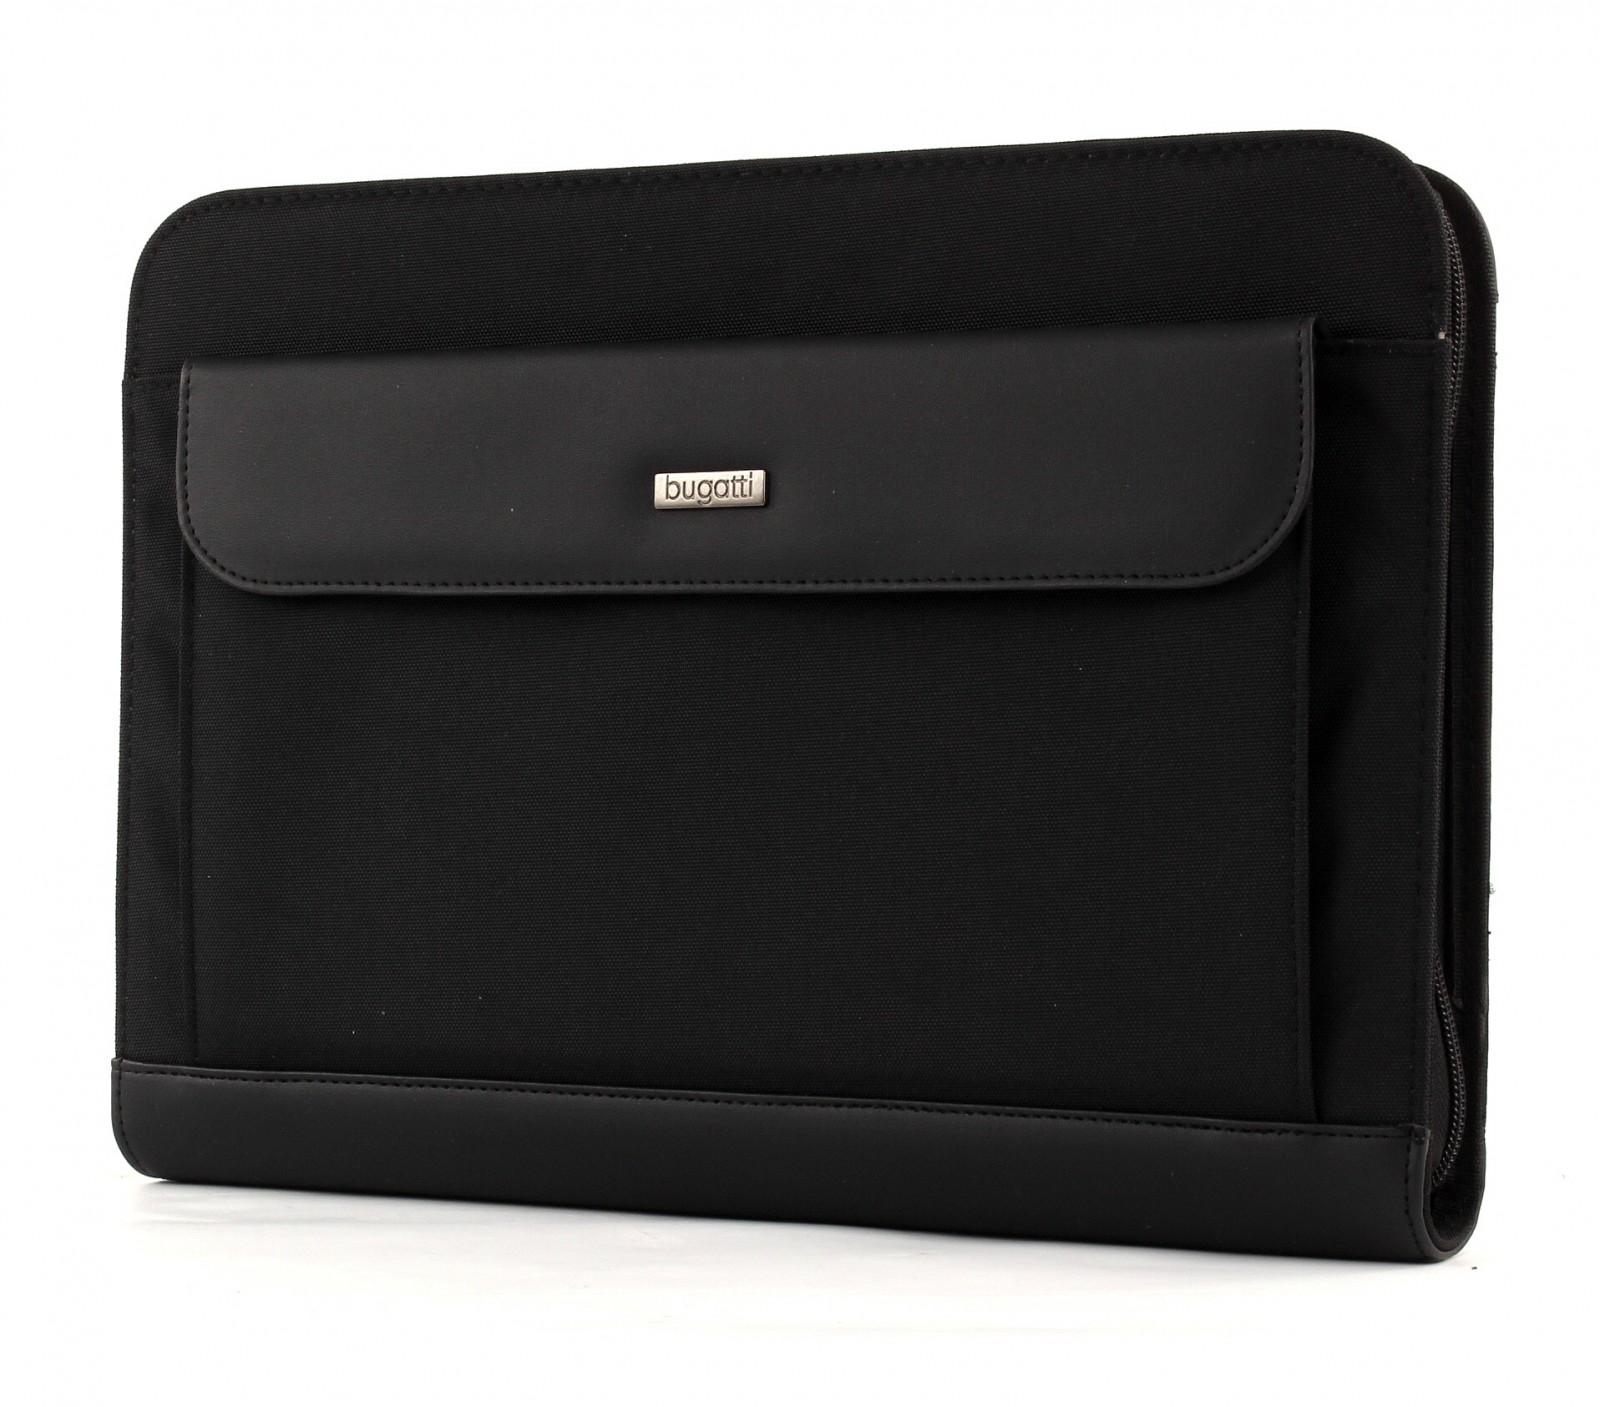 bugatti Ufficio Portfolio With Front Case Black